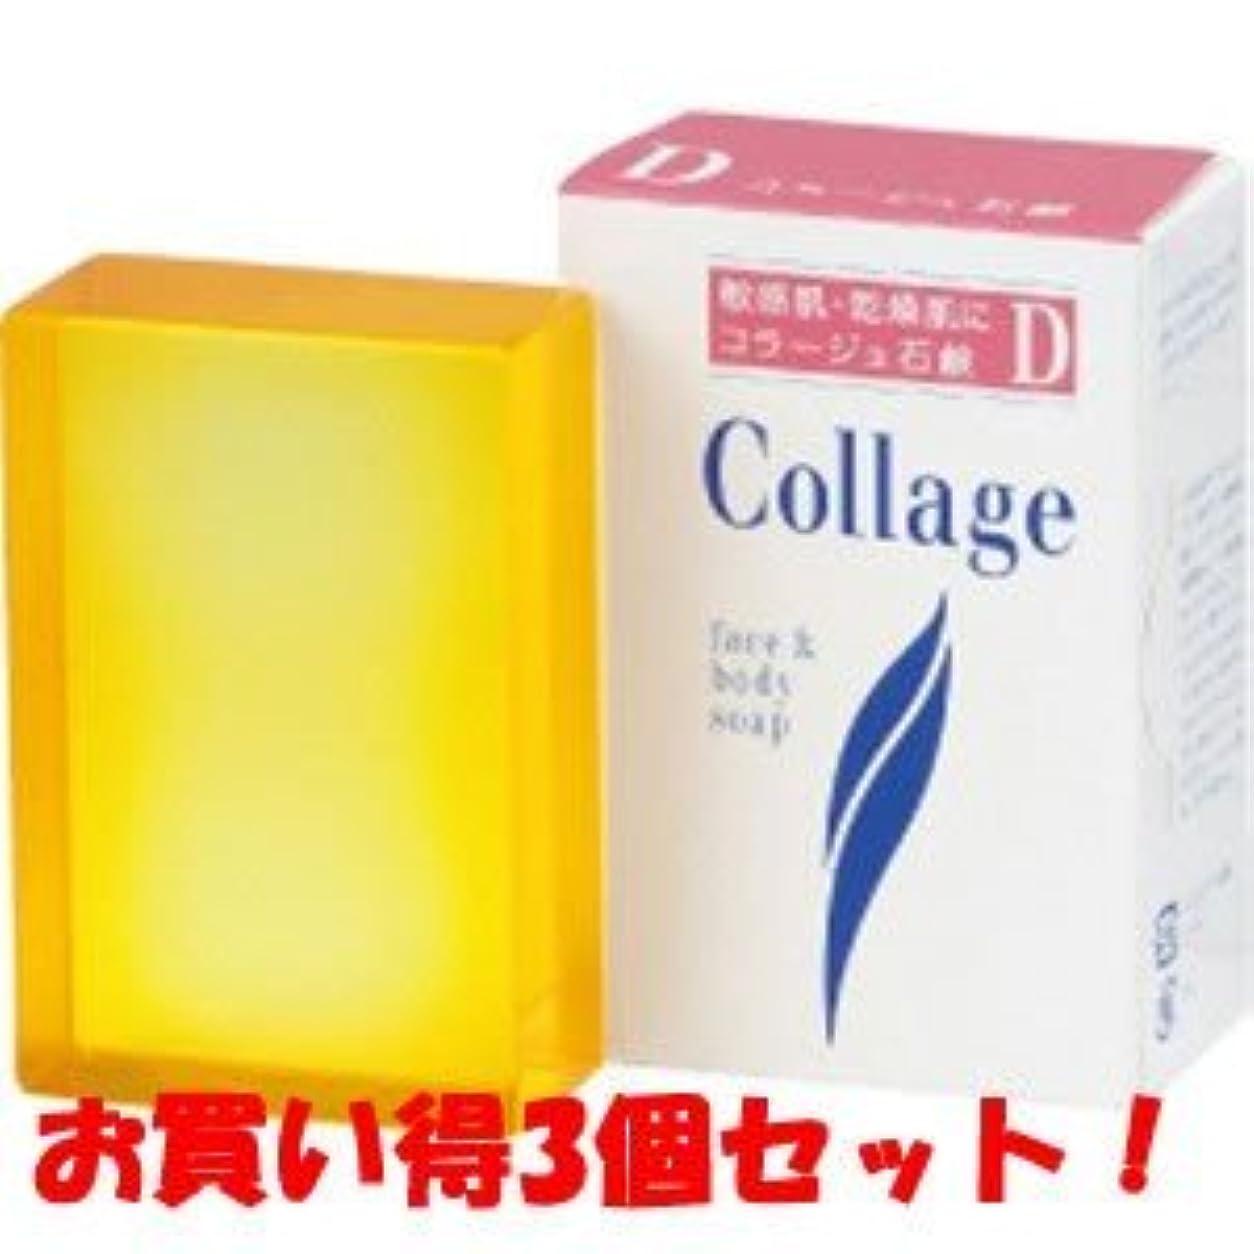 弾薬の前で指定(持田ヘルスケア)コラージュD乾性肌用石鹸 100g(お買い得3個セット)